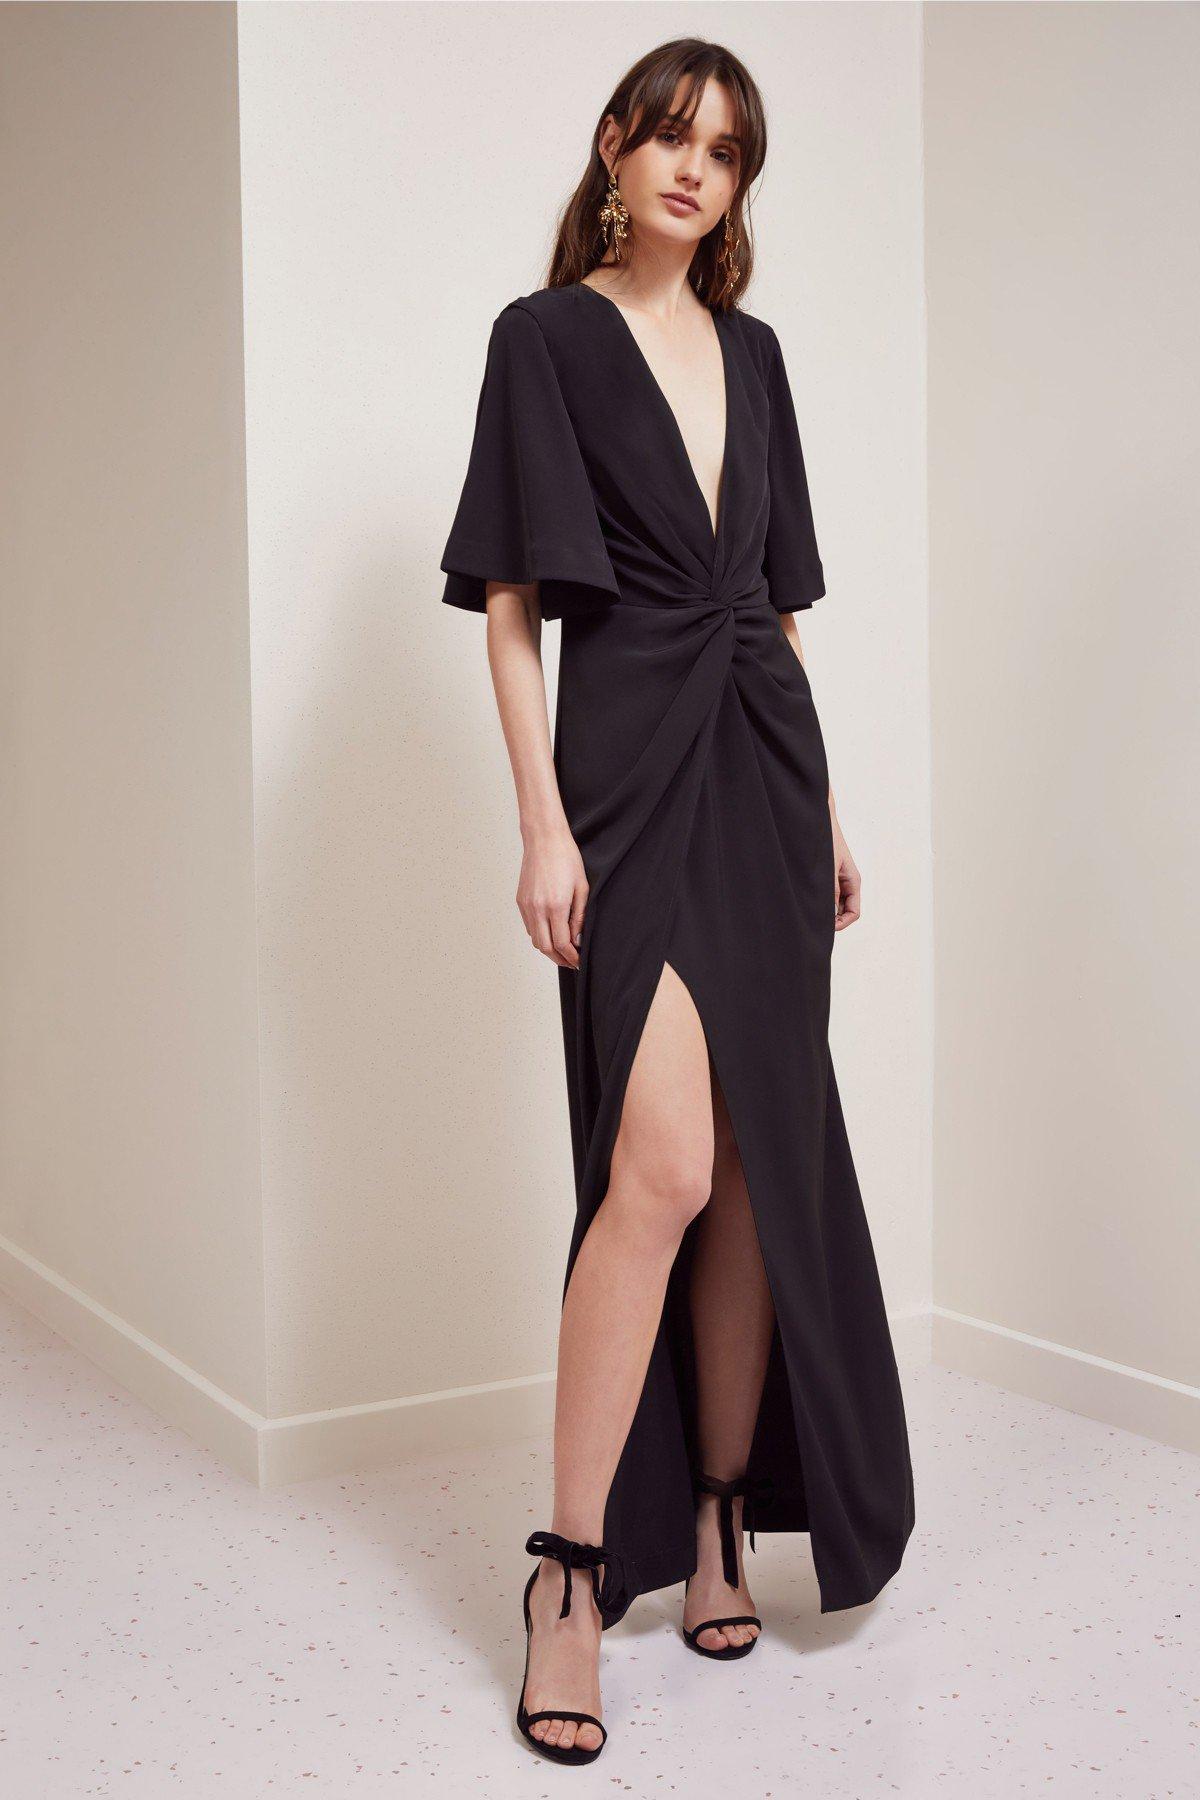 Shop Keepsake No Love Twist Gown.